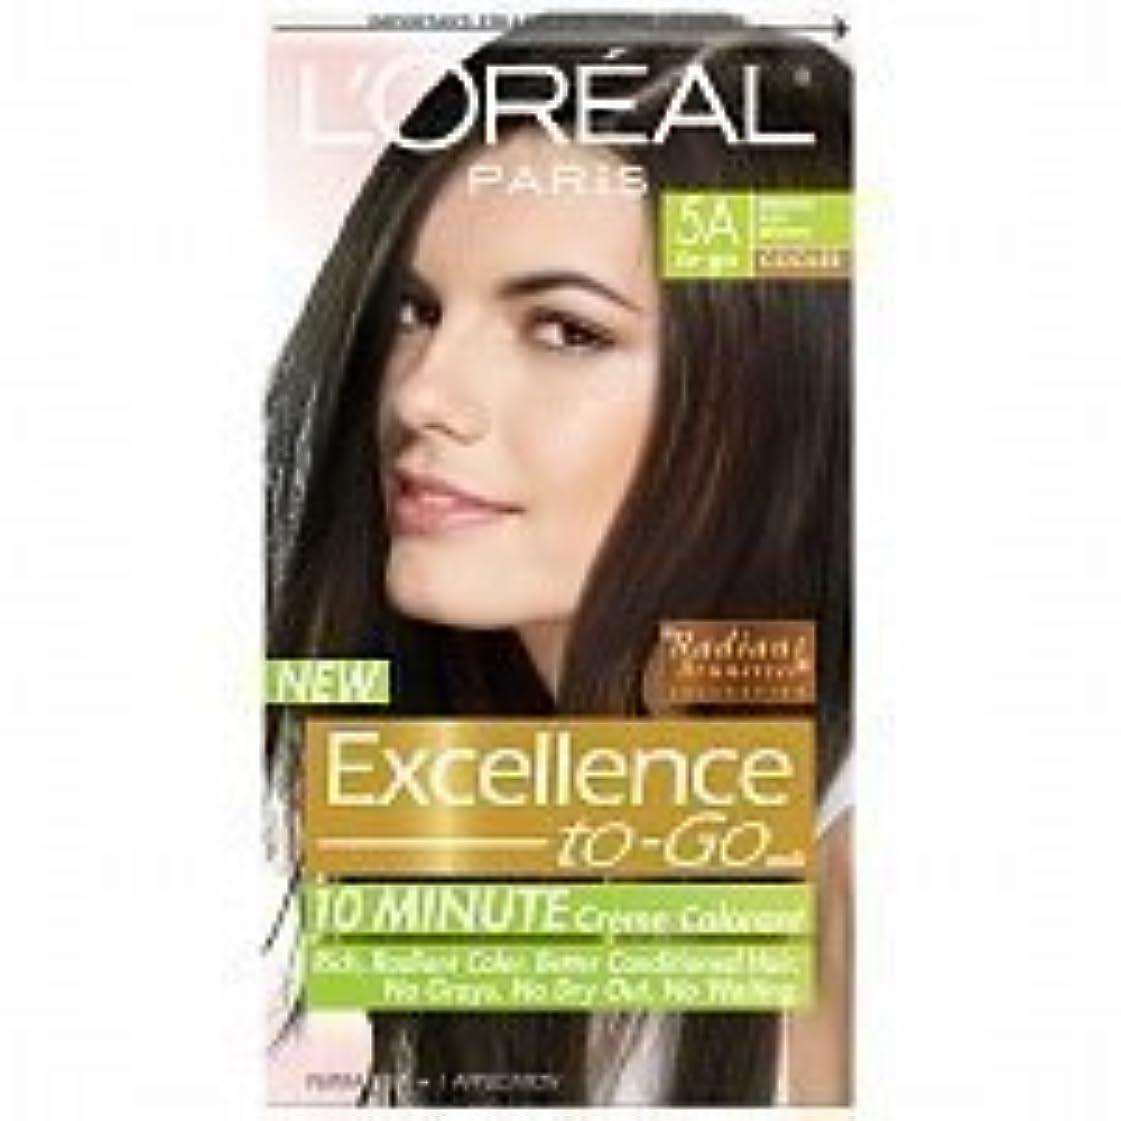 ディスク変換アスレチックL'Oreal Paris Excellence To-Go 10-Minute Cr?N?Nme Coloring, Medium Ash Brown 5A by L'Oreal Paris Hair Color [並行輸入品]